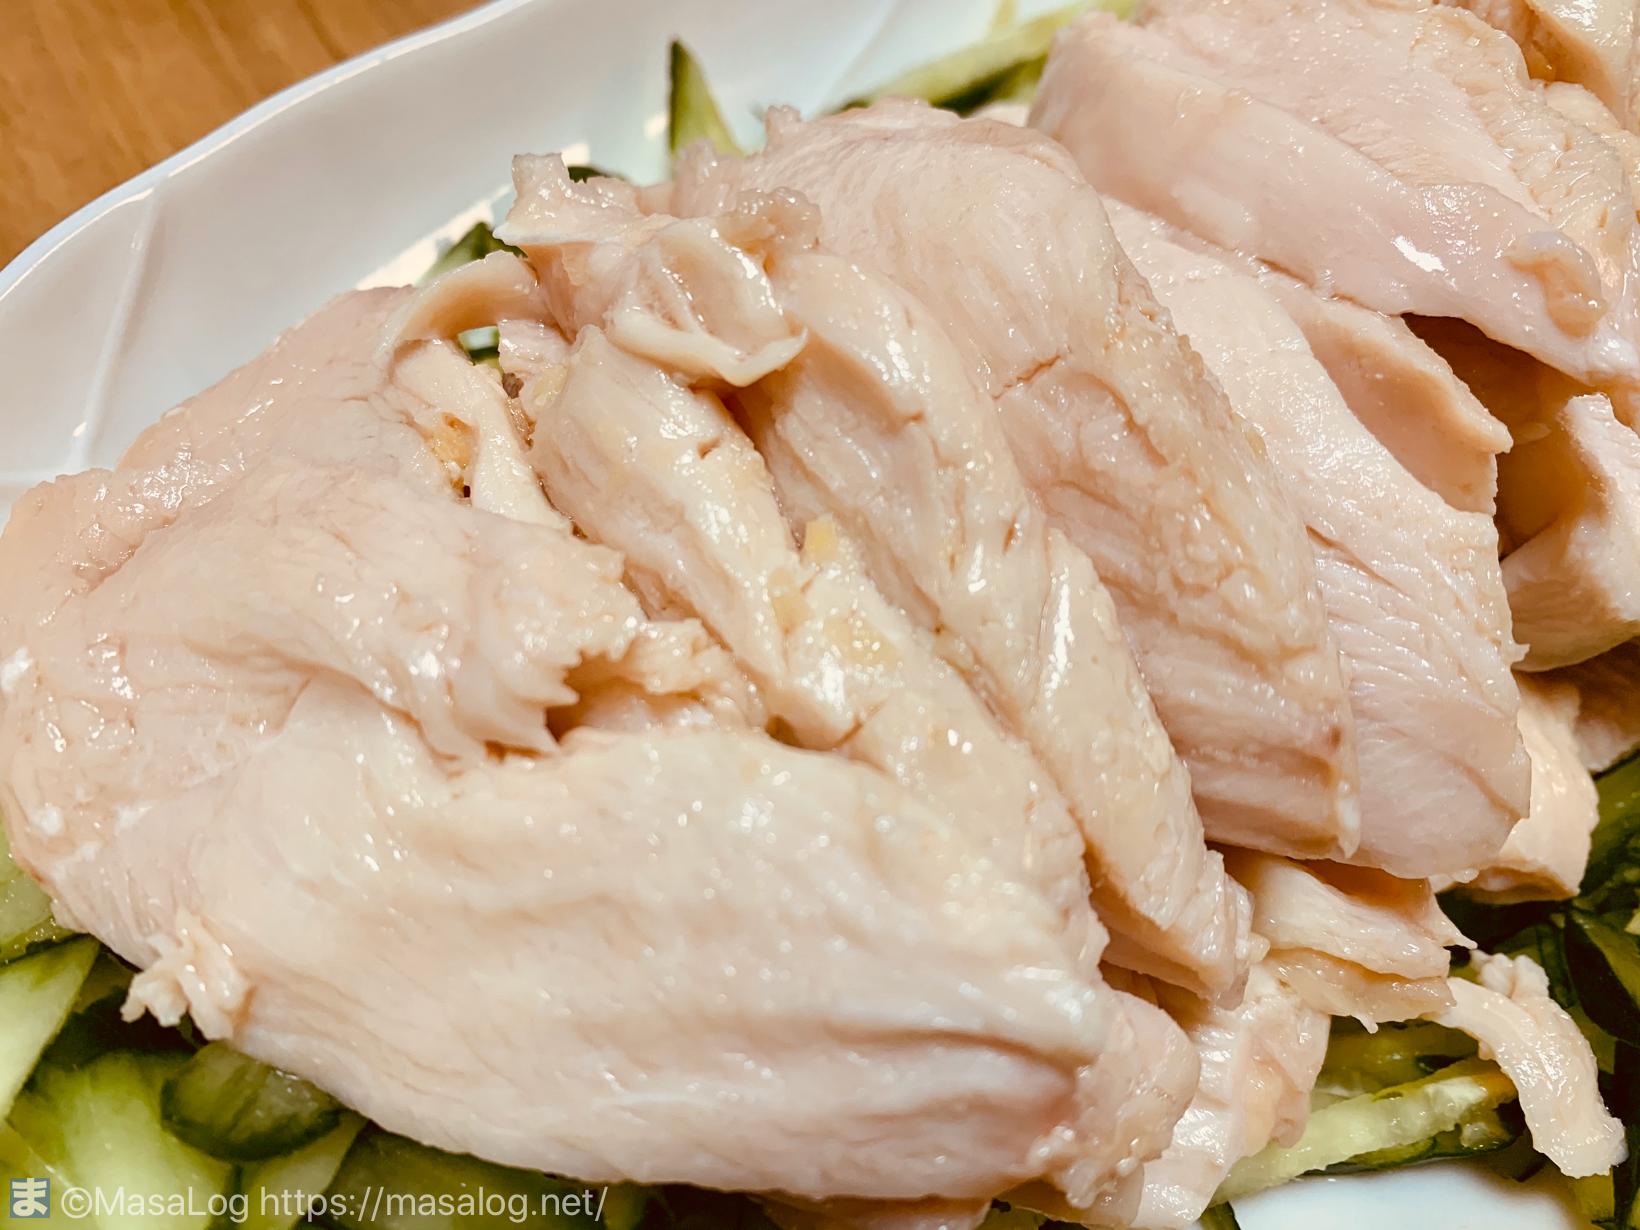 鶏胸肉も驚くほどしっとりして柔らかい